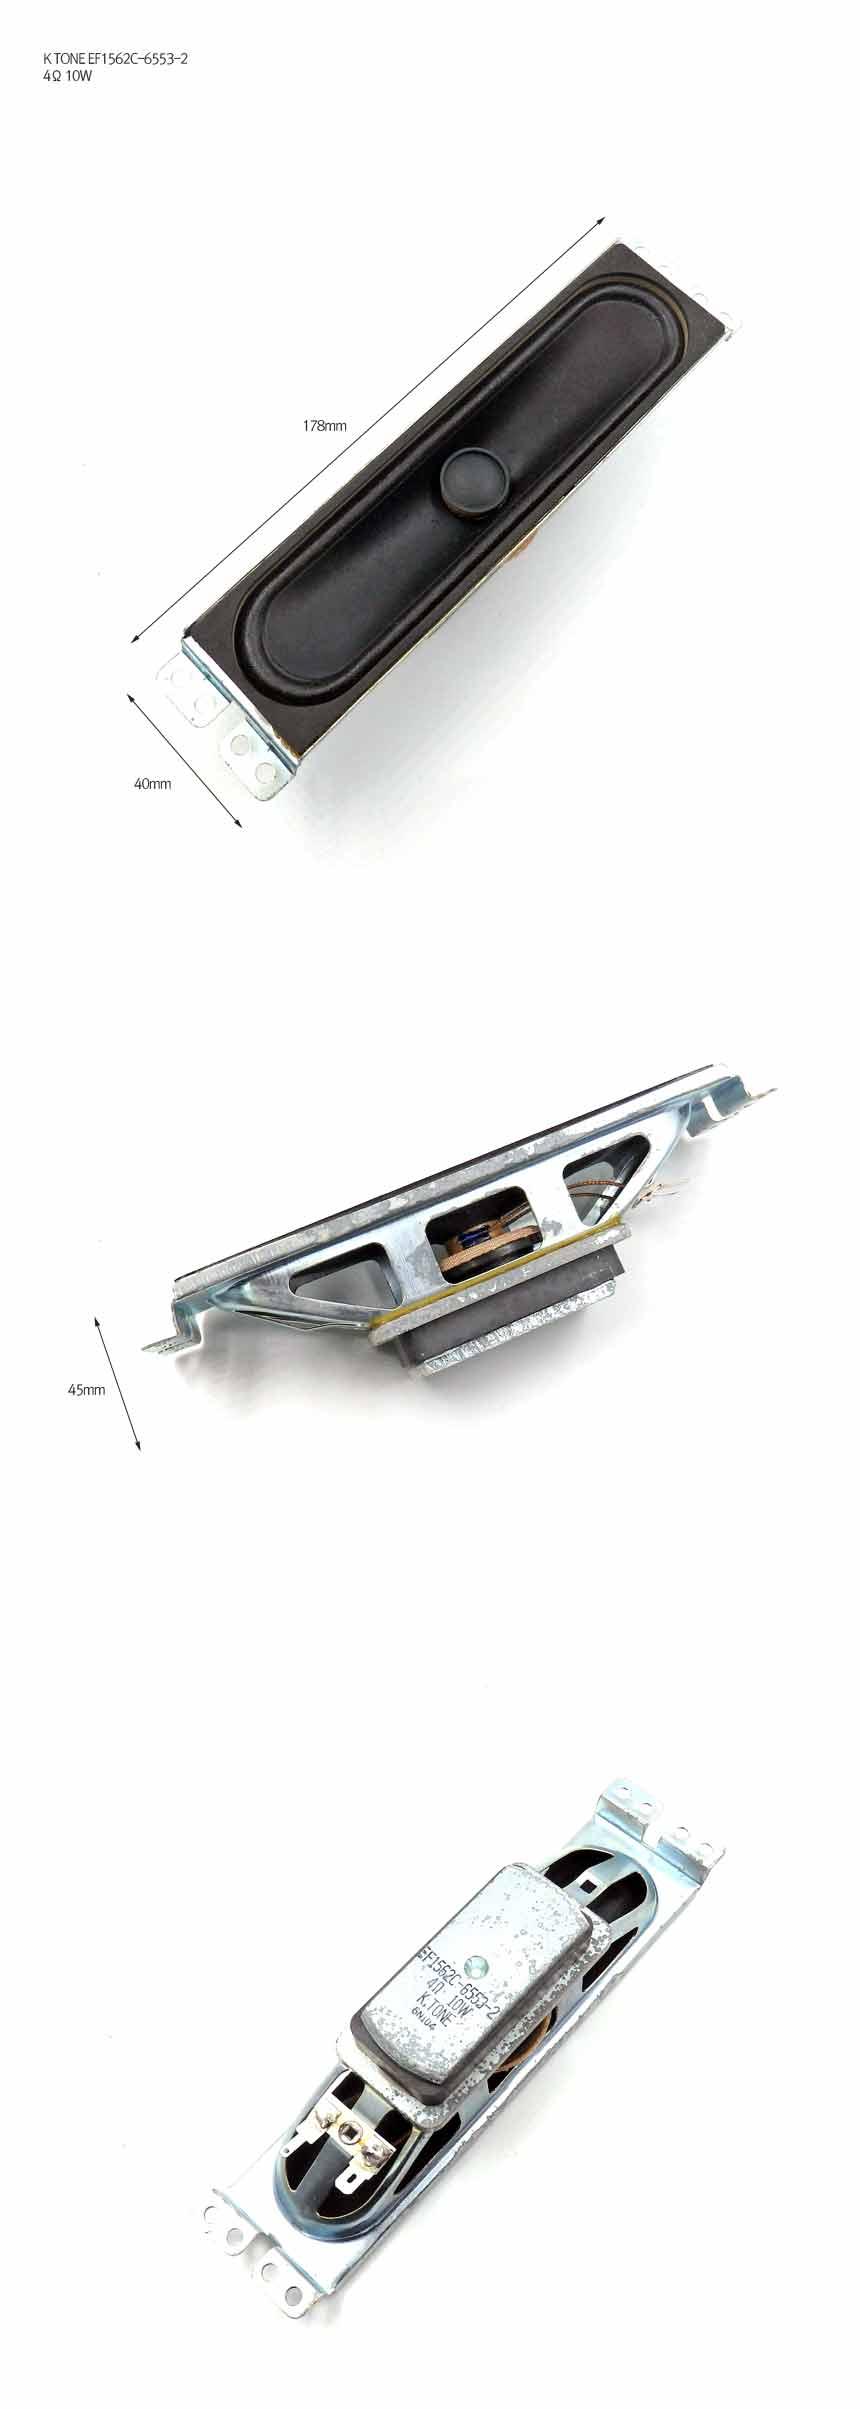 LCD DIY용 K TONE EF1562C-6553-2 4Ω(4옴) 10W 다이나믹 우퍼콘지 고출력 스피커 178x40mm